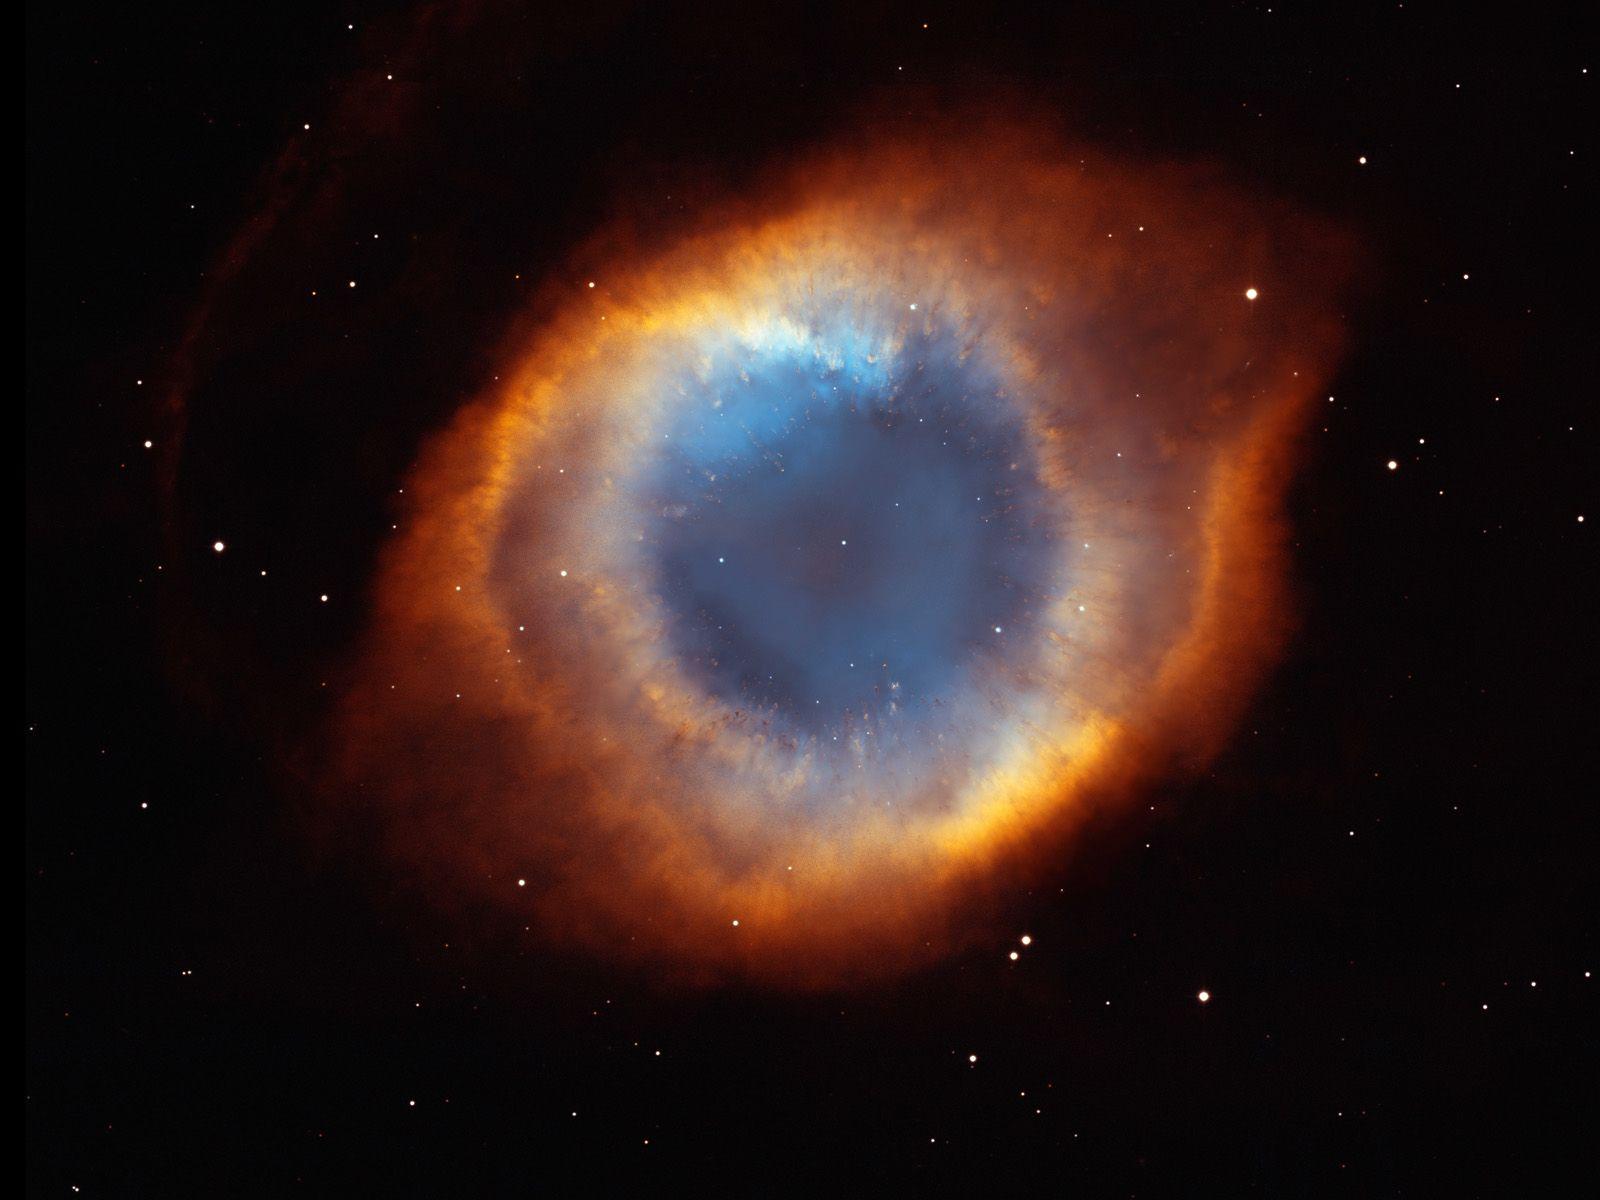 helix nebula caldwell 63 - photo #20